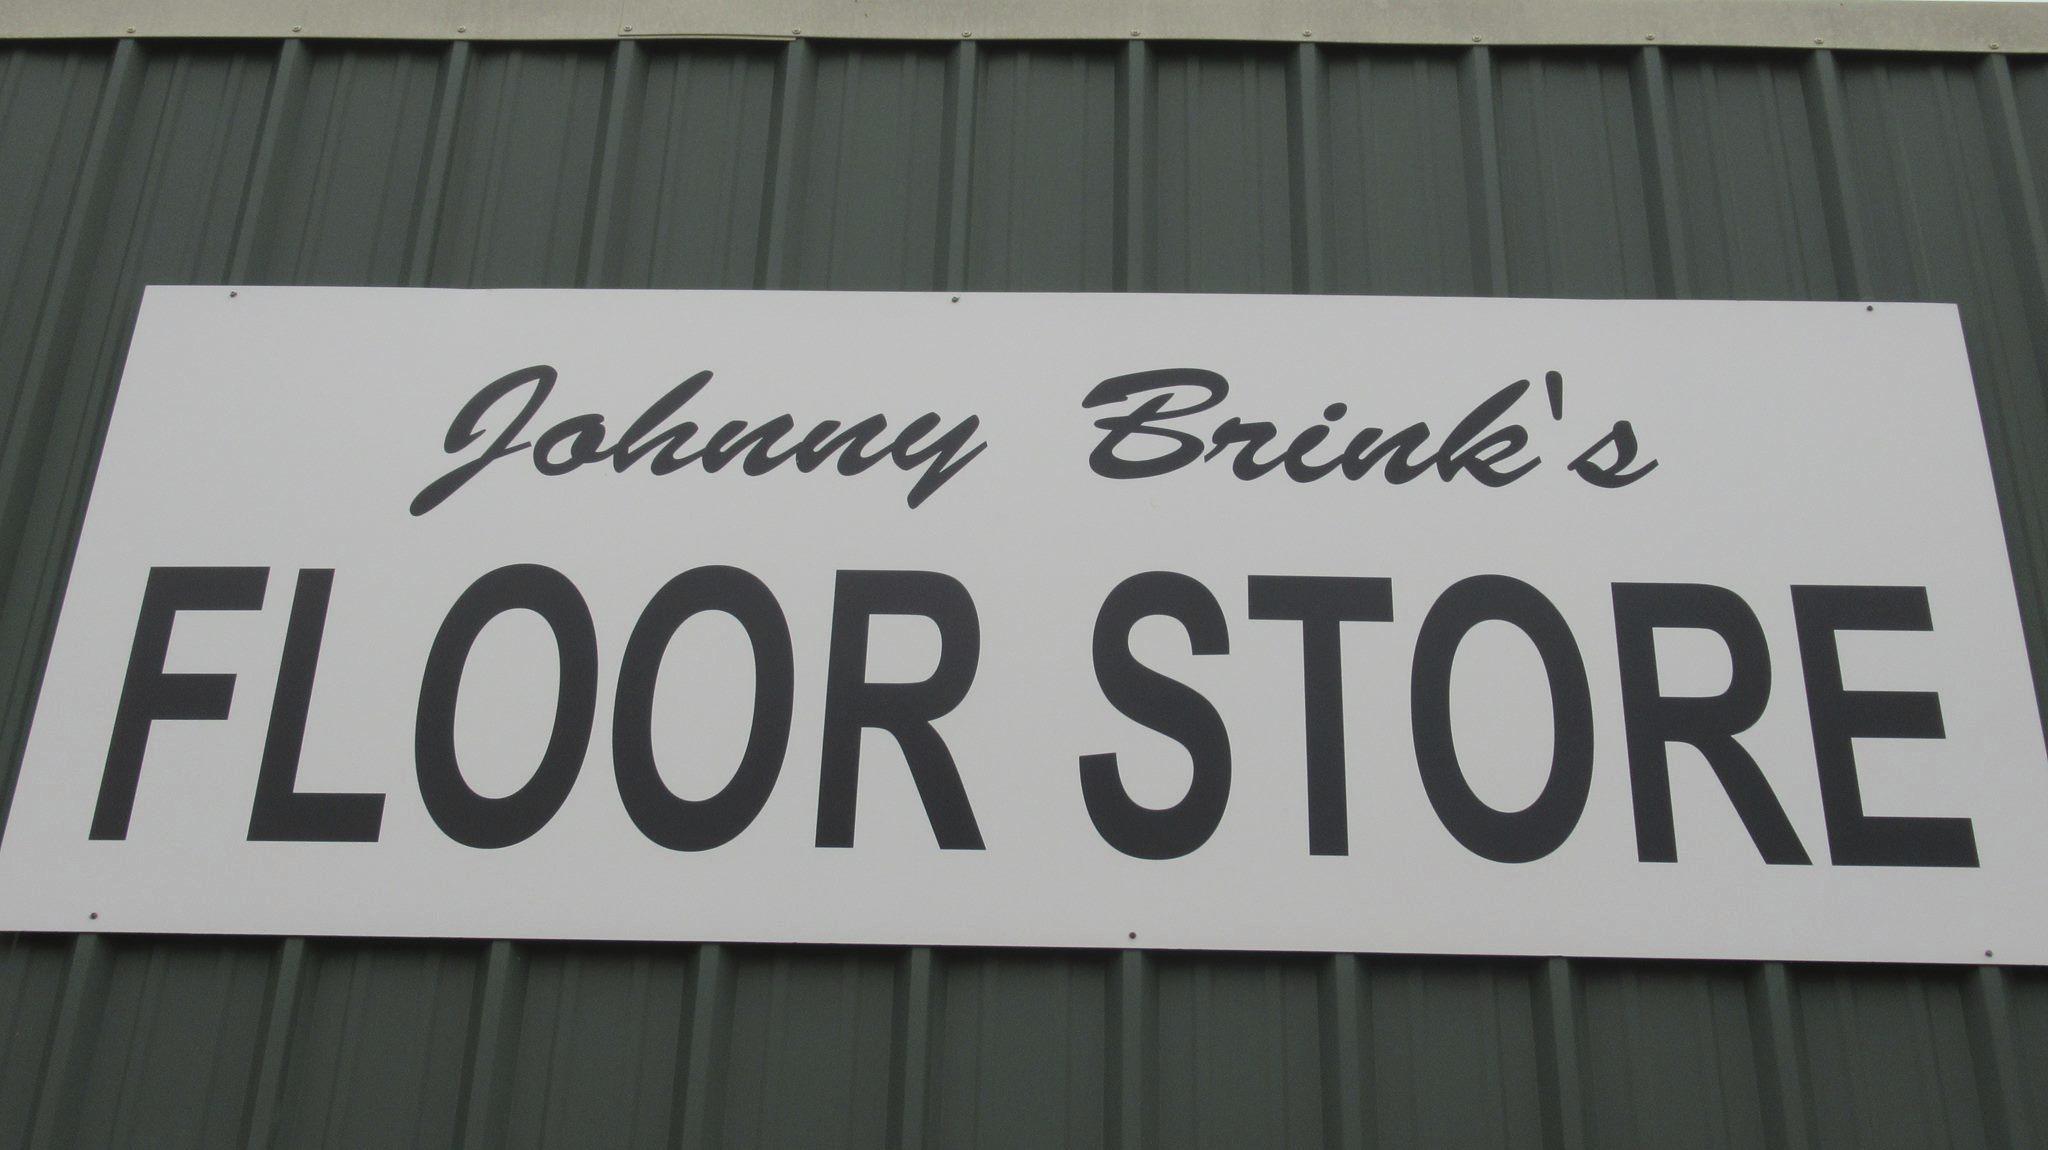 Flooring design professionals in the Kerrville, TX area - Johnny Brink's Floor Store